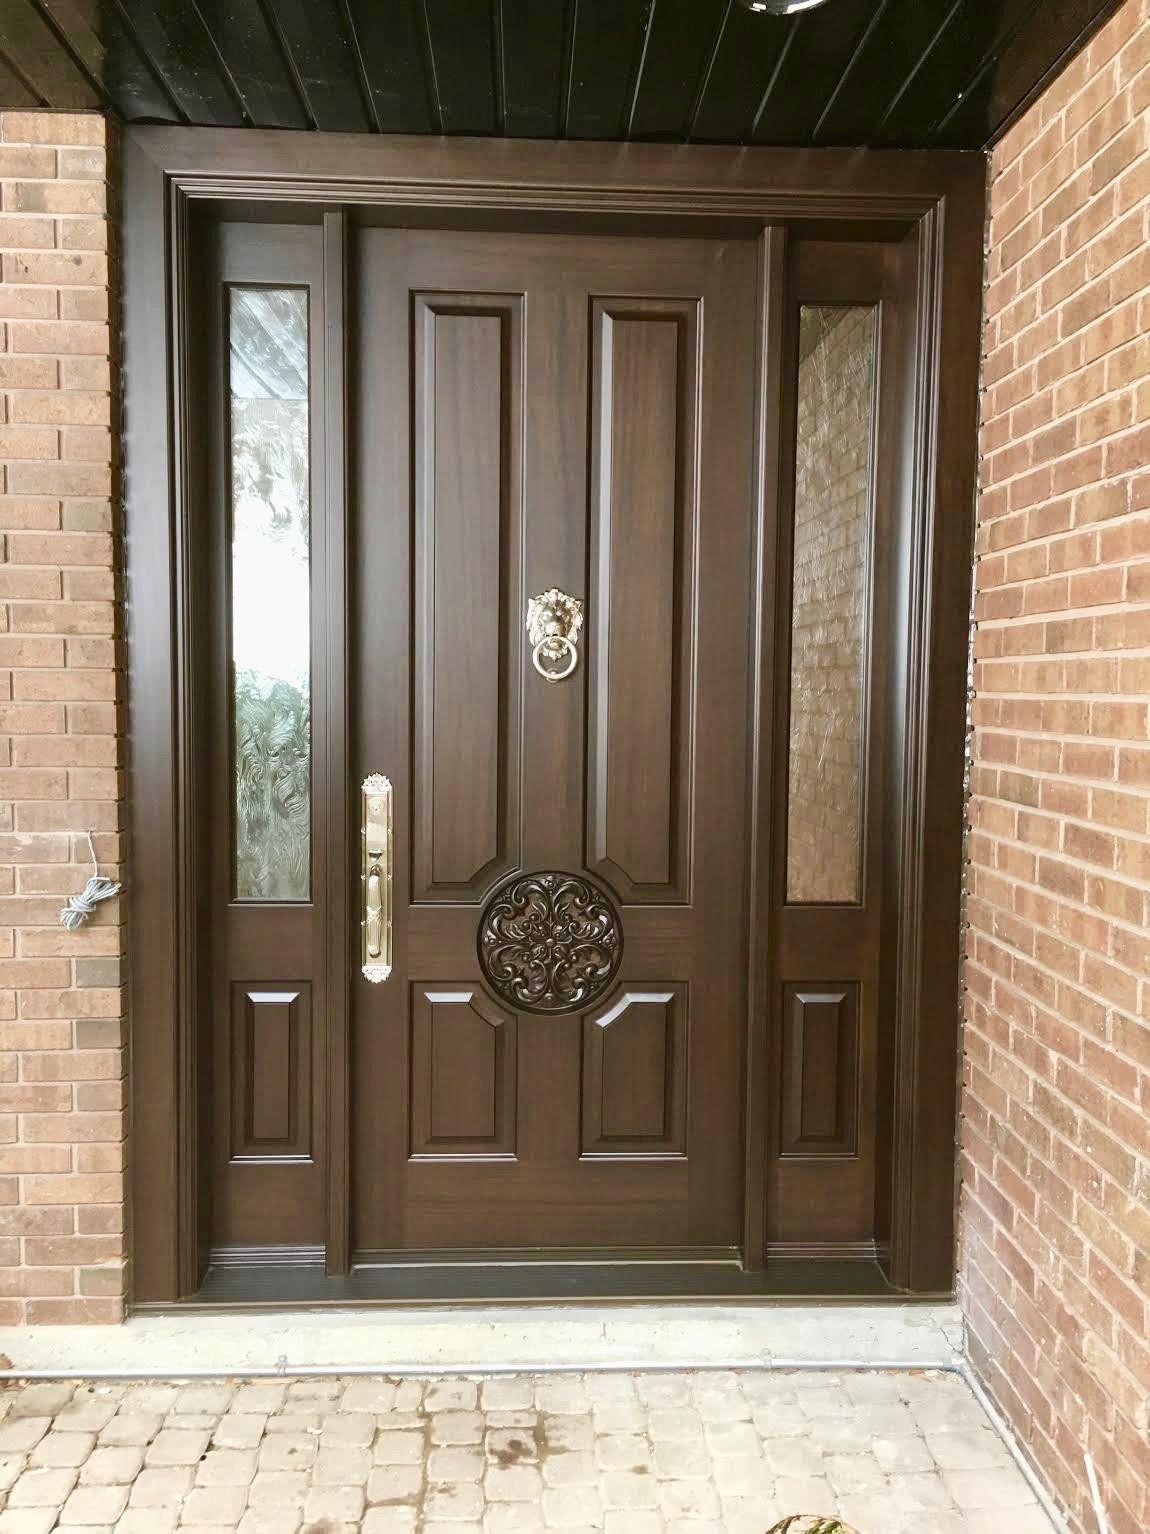 Amberwood Doors Inc: Wood Carving- Driftwood Art